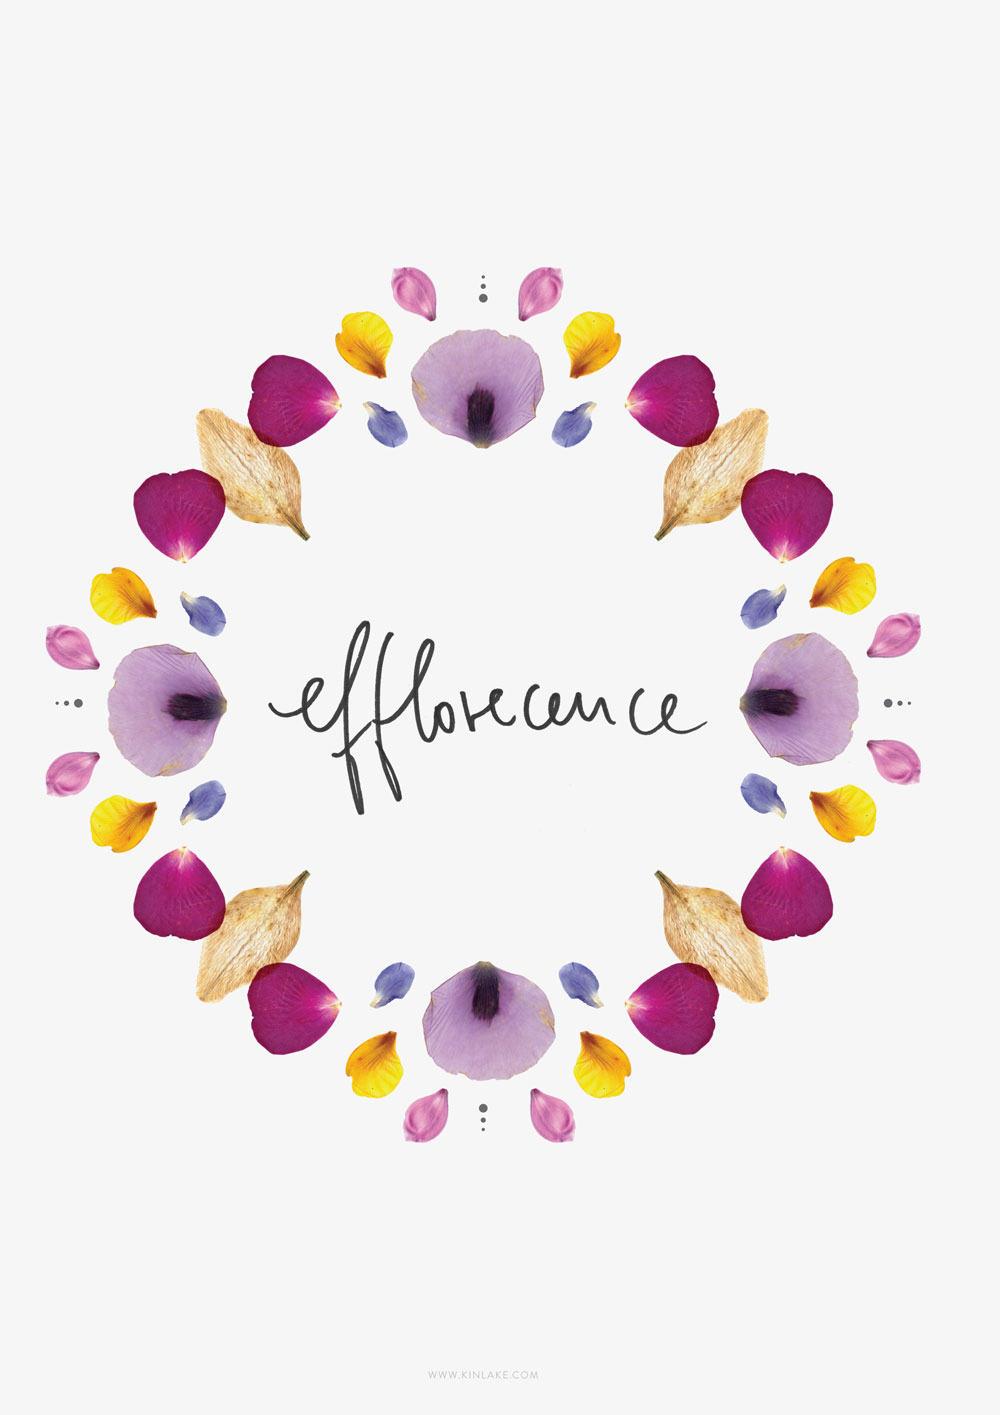 Efflorescence-kinlake-flower-petals-pattern